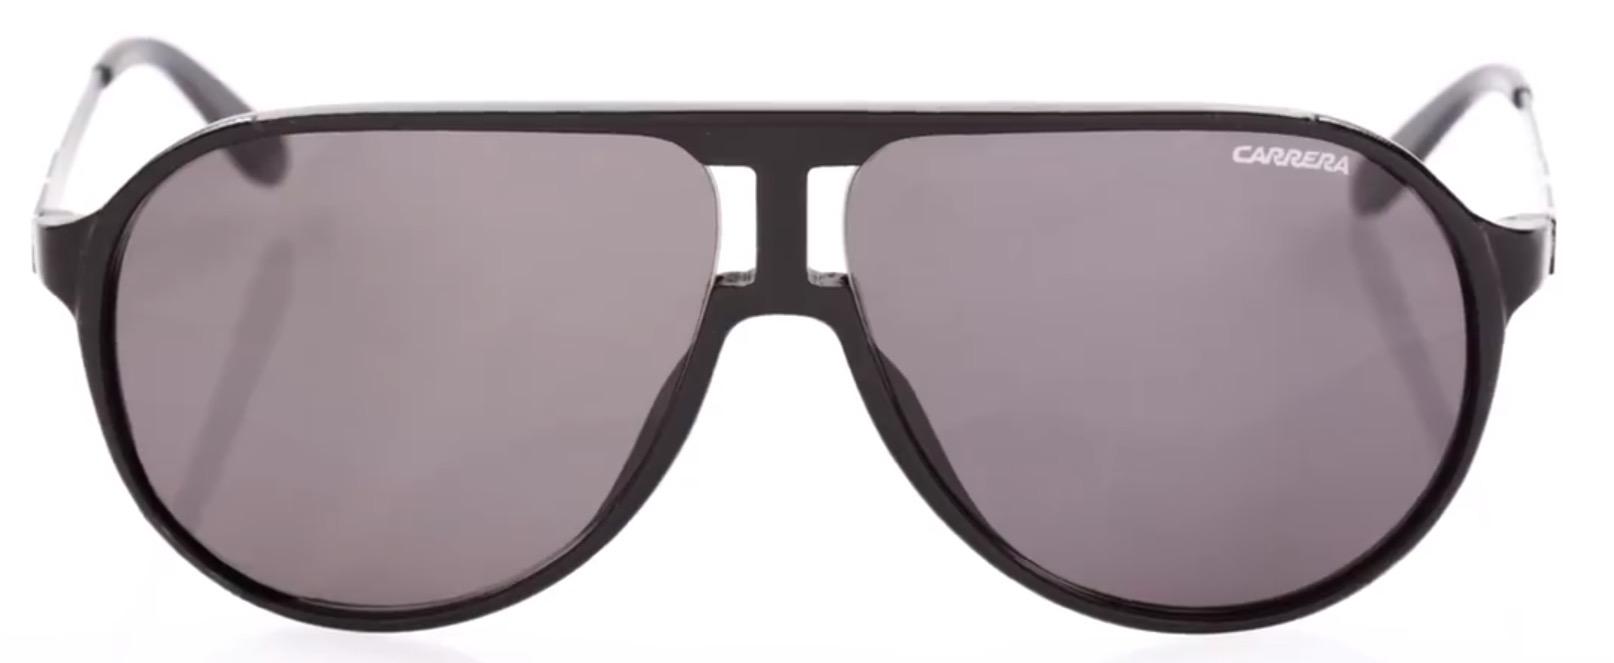 ef2c2a774bf38 Blog.lunettes-de-soleil.fr - le blog de la boite a lunettes